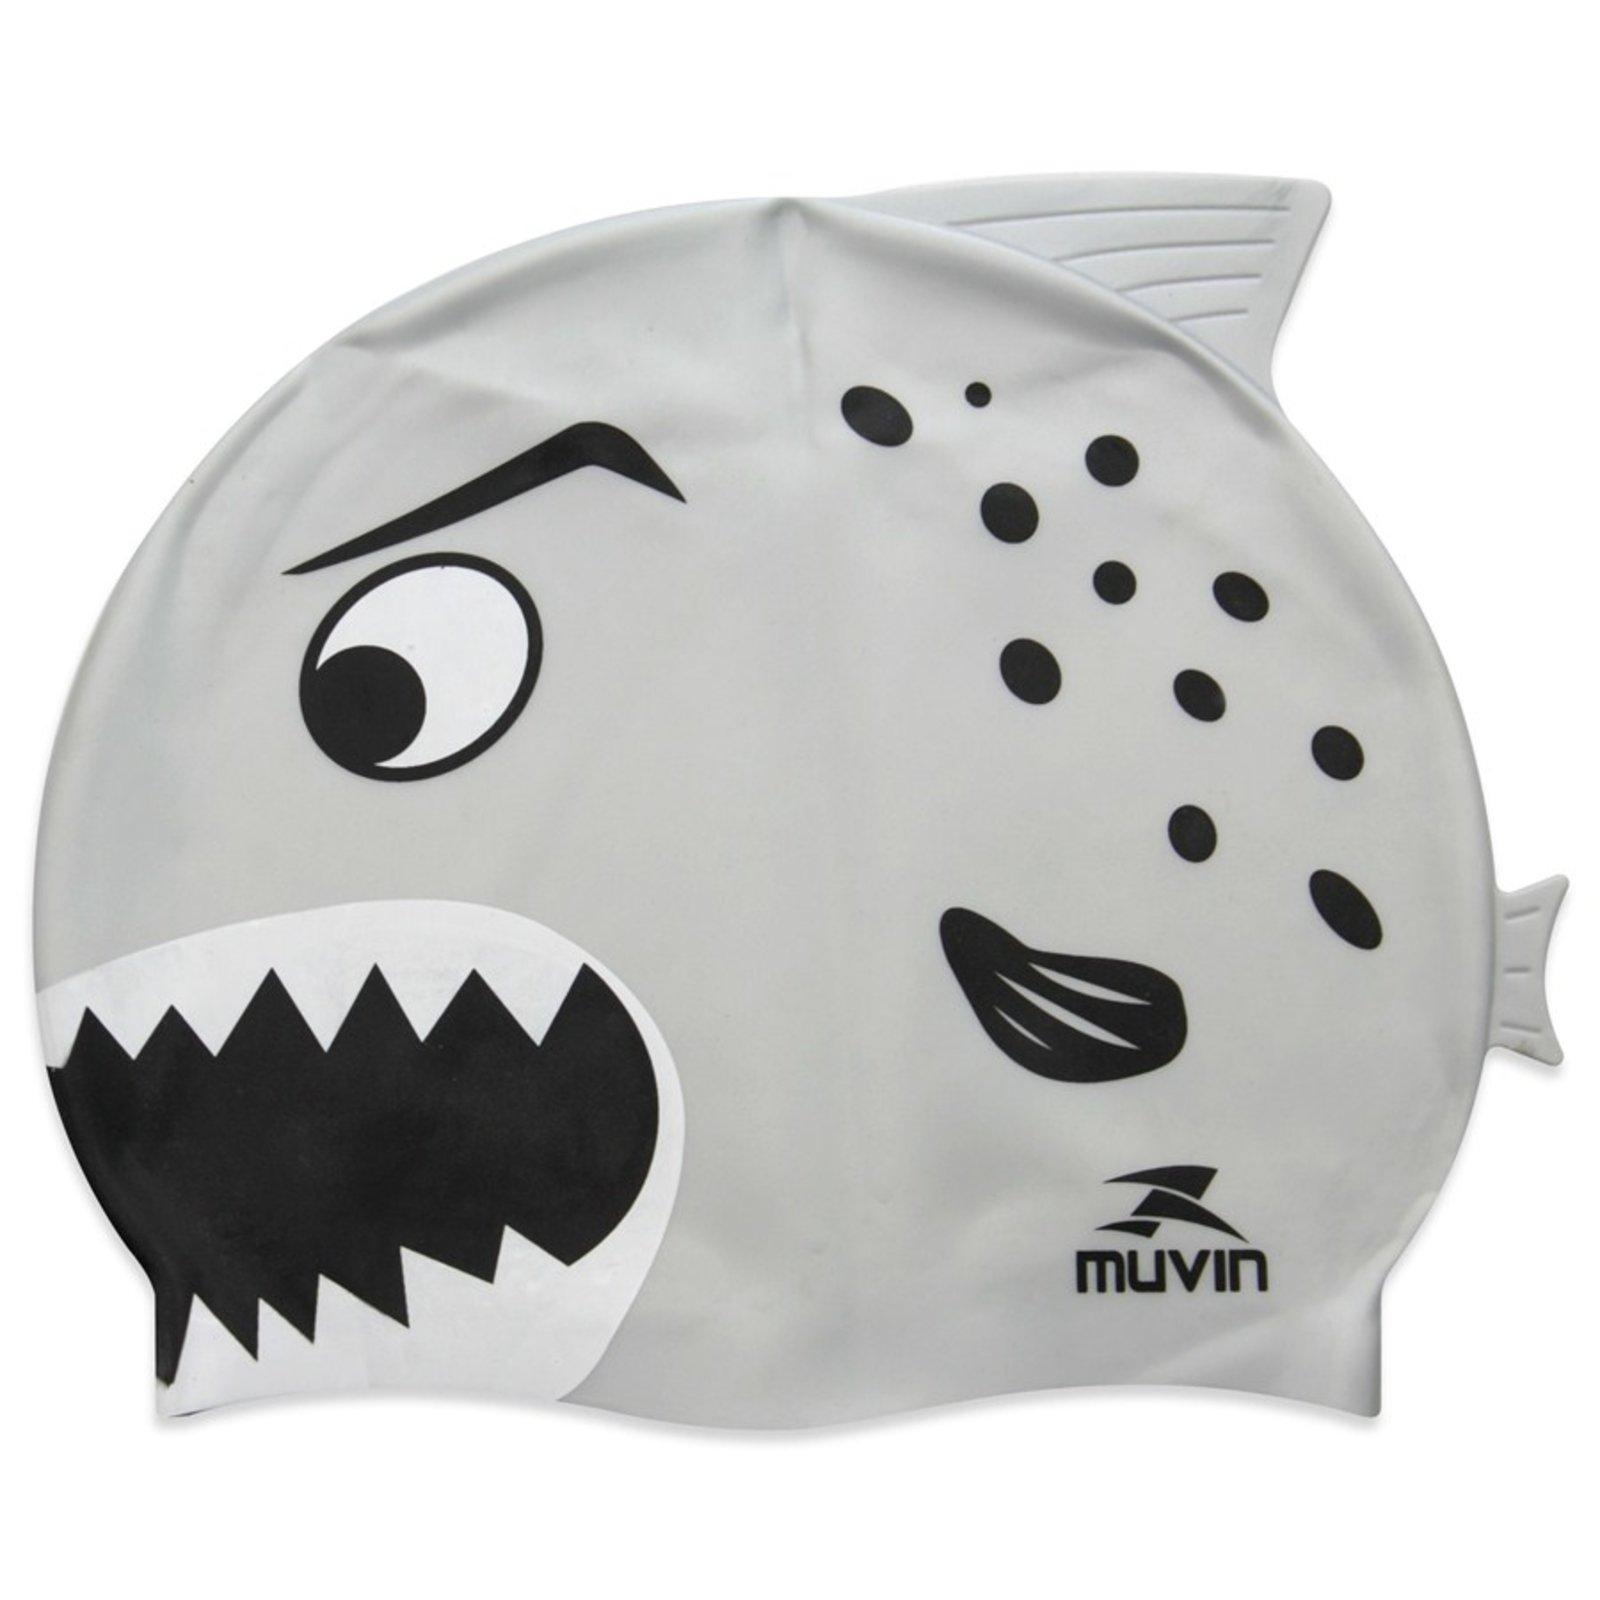 Touca de Natação em Silicone Kid Tubarão Muvin Prata - Compre Agora ... 36c82fe3590